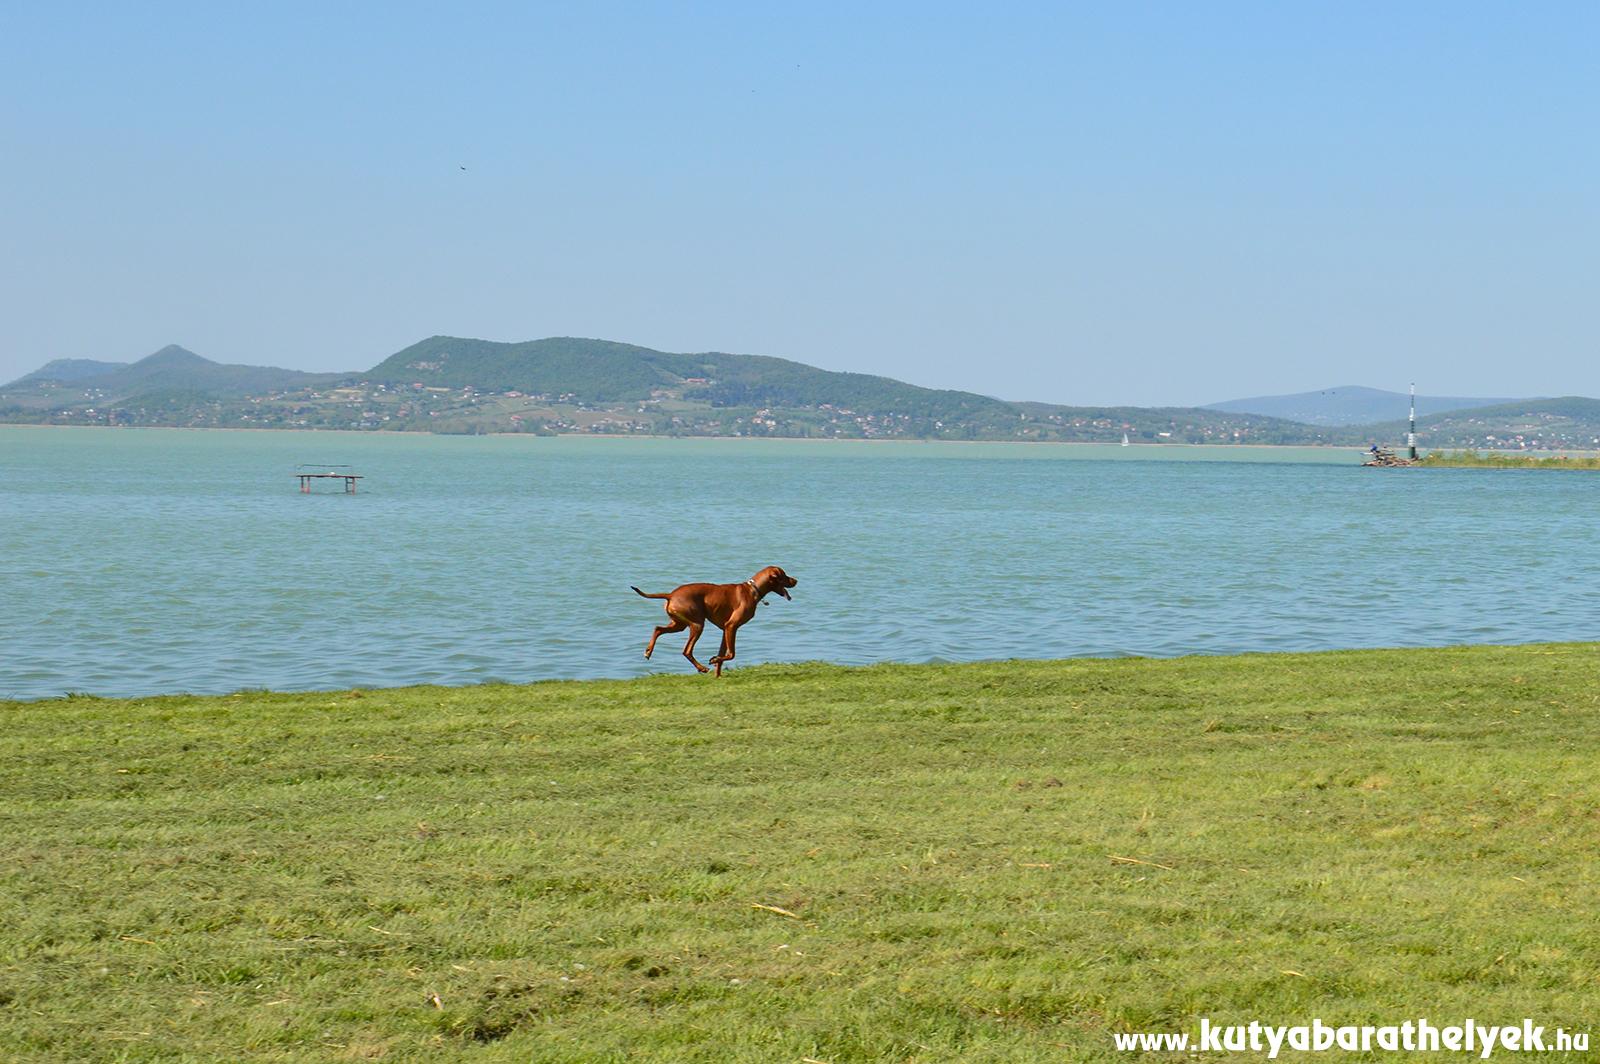 Kutyával a Balatonparton - már ez is lehetséges!